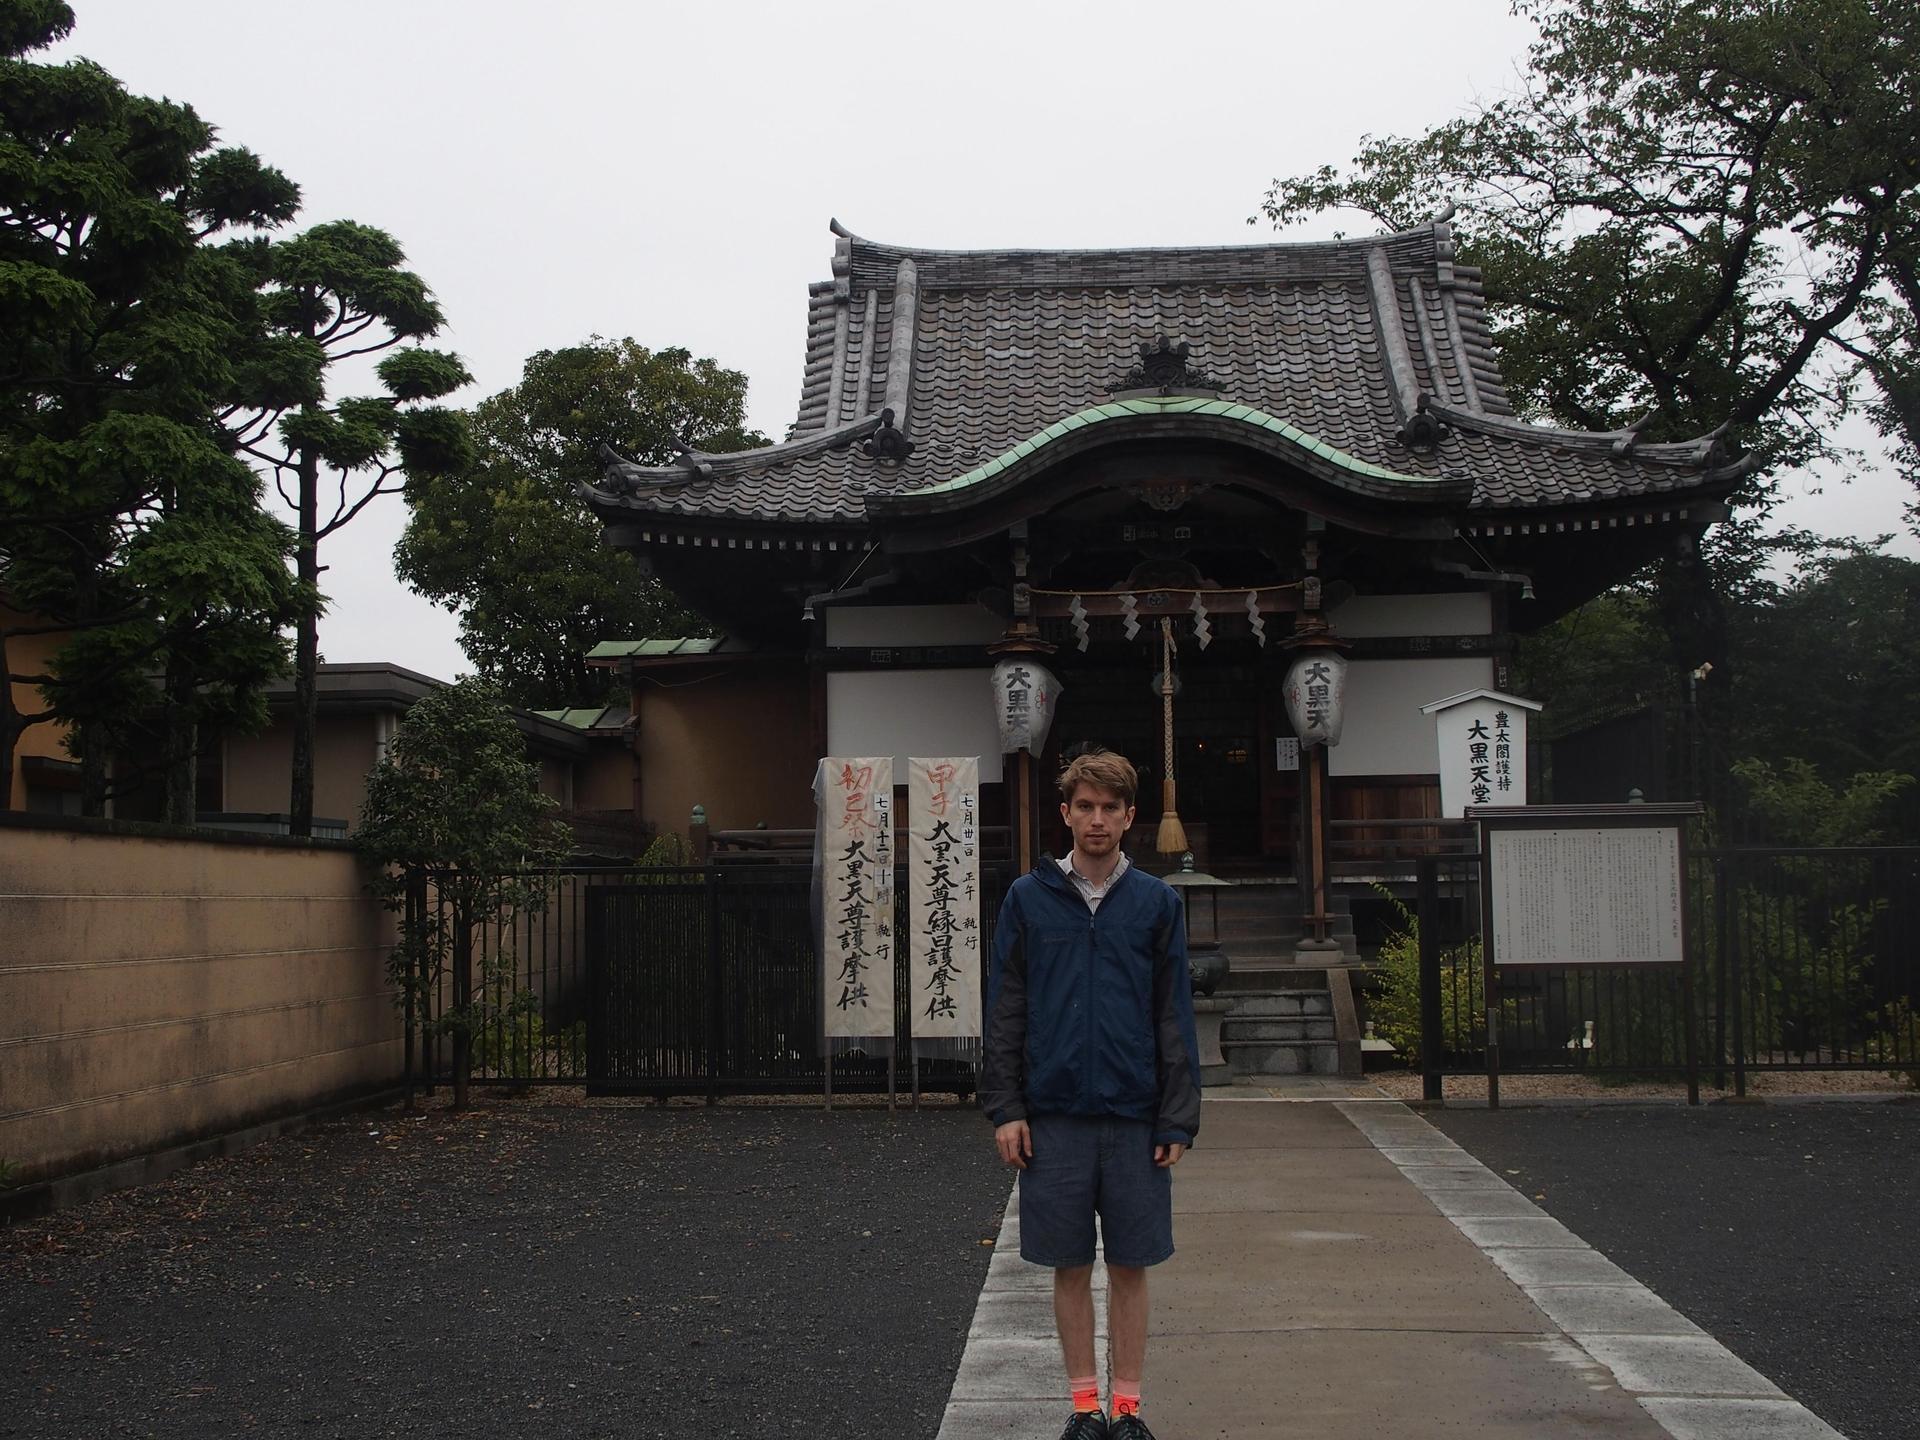 Professor Beletsky in Japan, July 2018